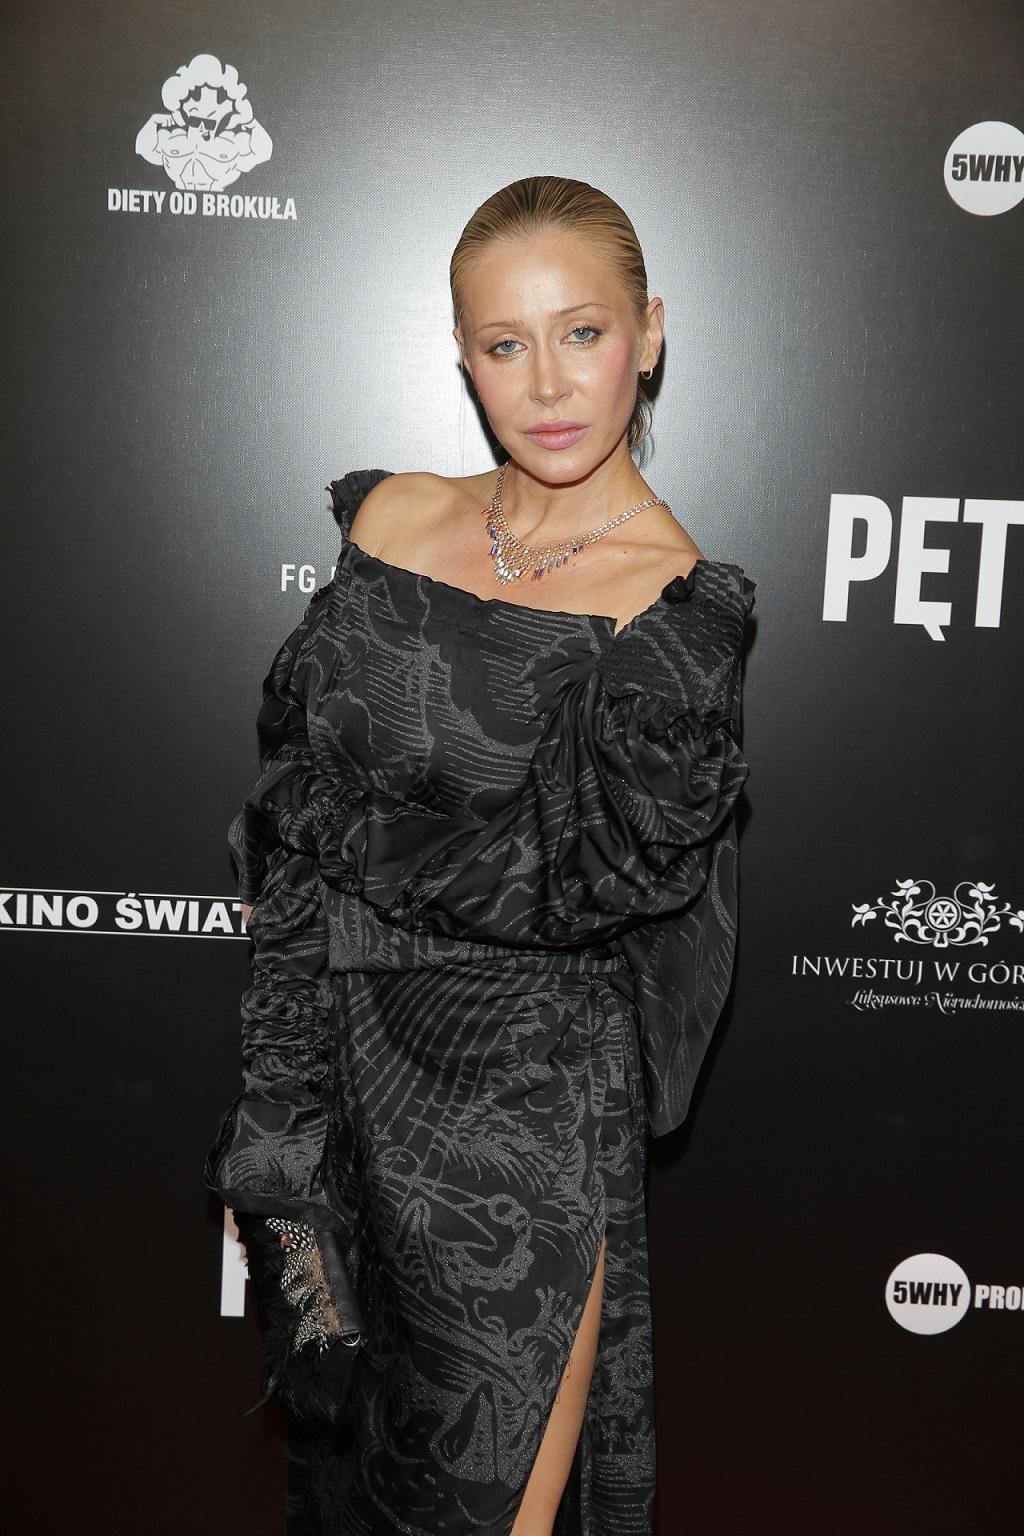 """Elegancka Katarzyna Warnke na premierze filmu """"Pętla""""."""